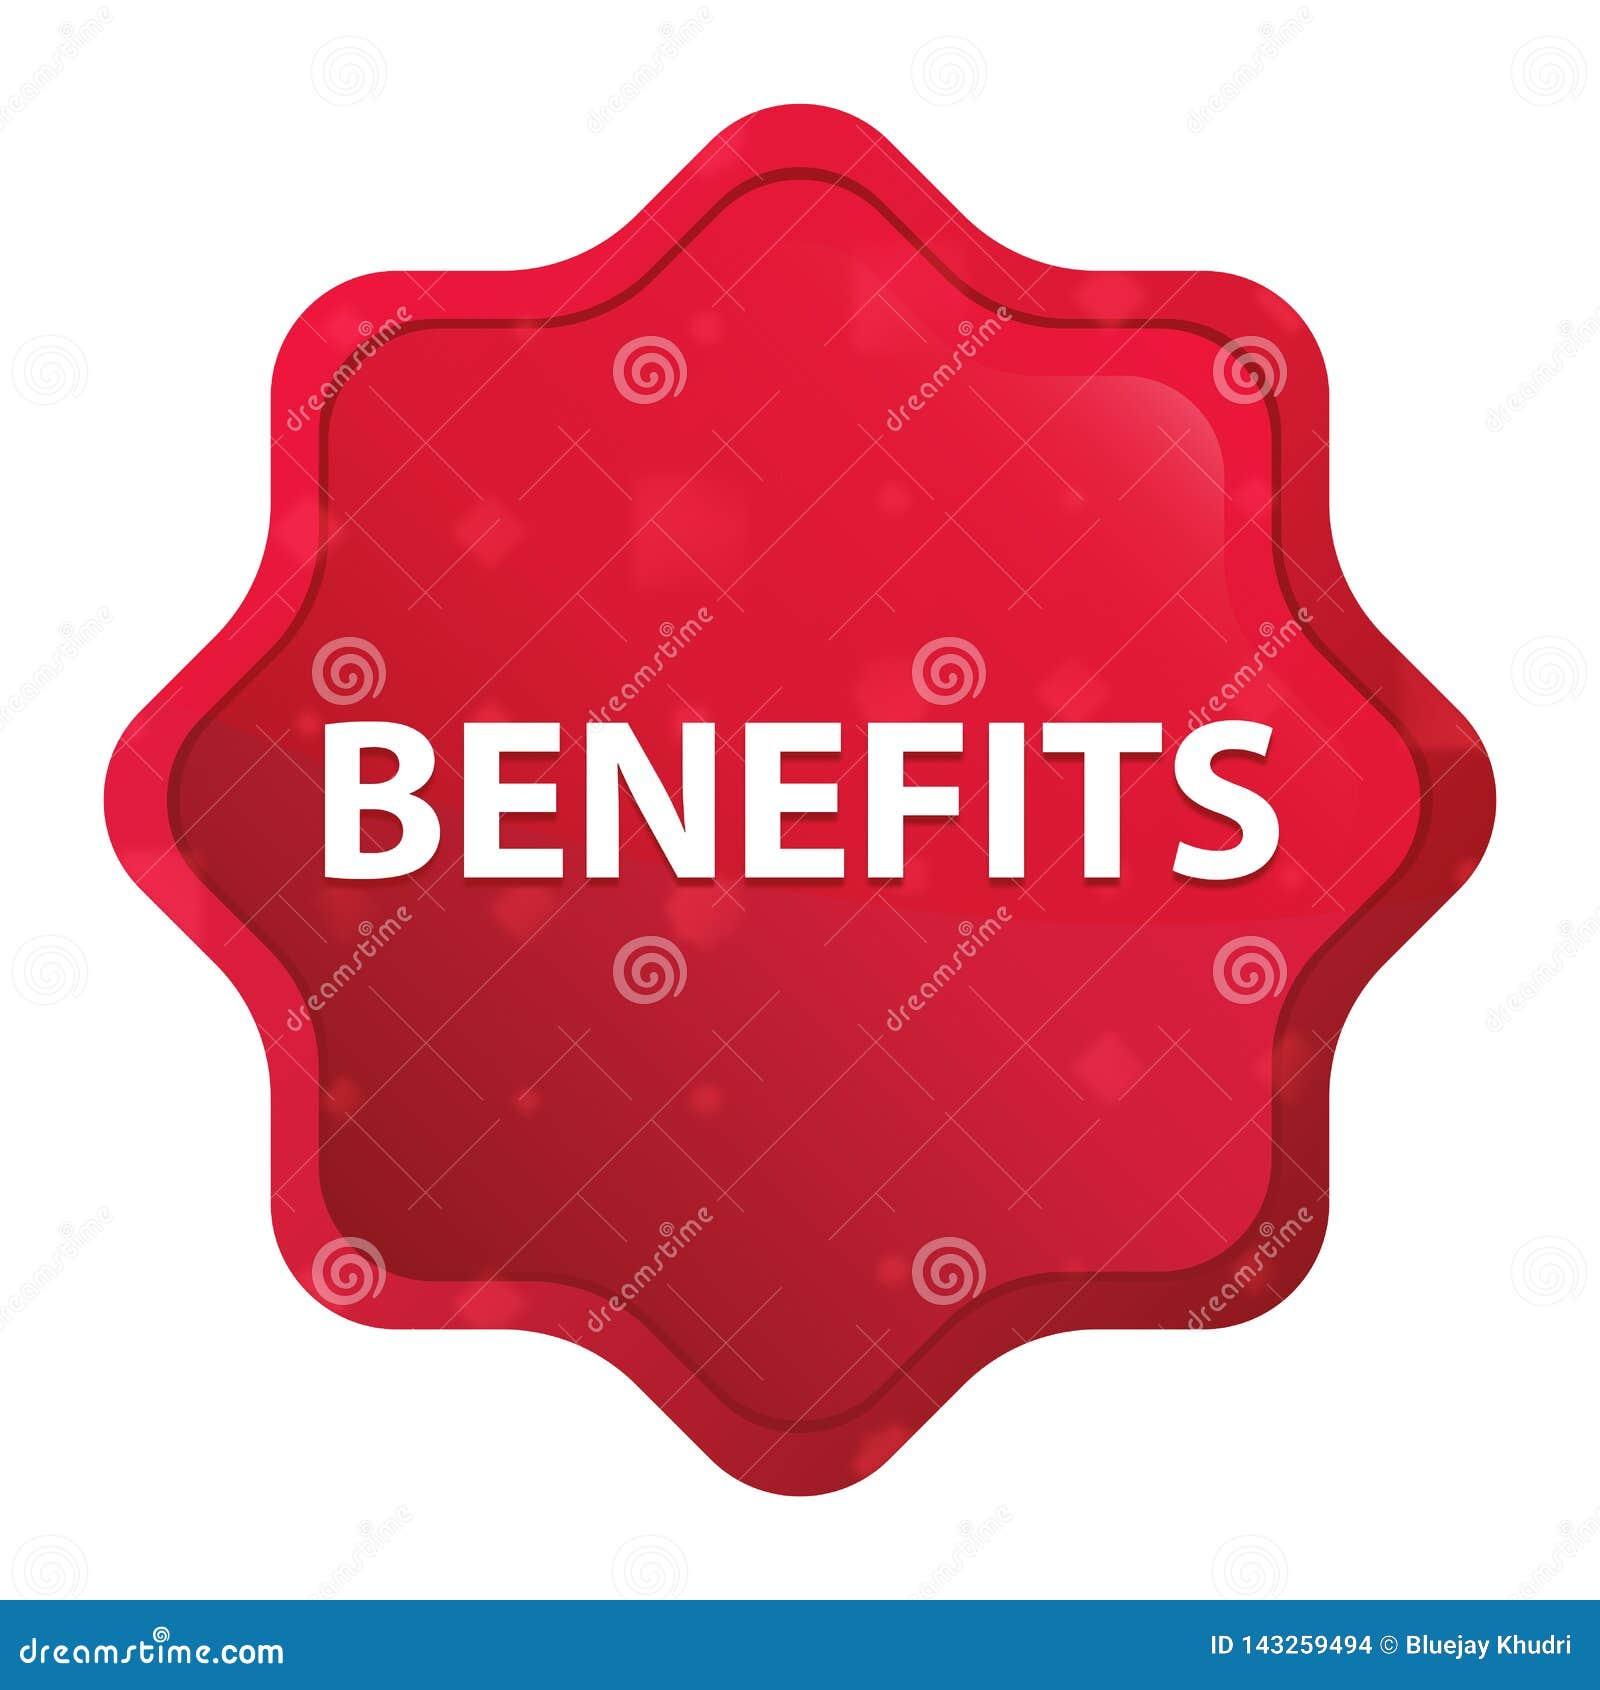 Botão vermelho cor-de-rosa enevoado da etiqueta do starburst dos benefícios